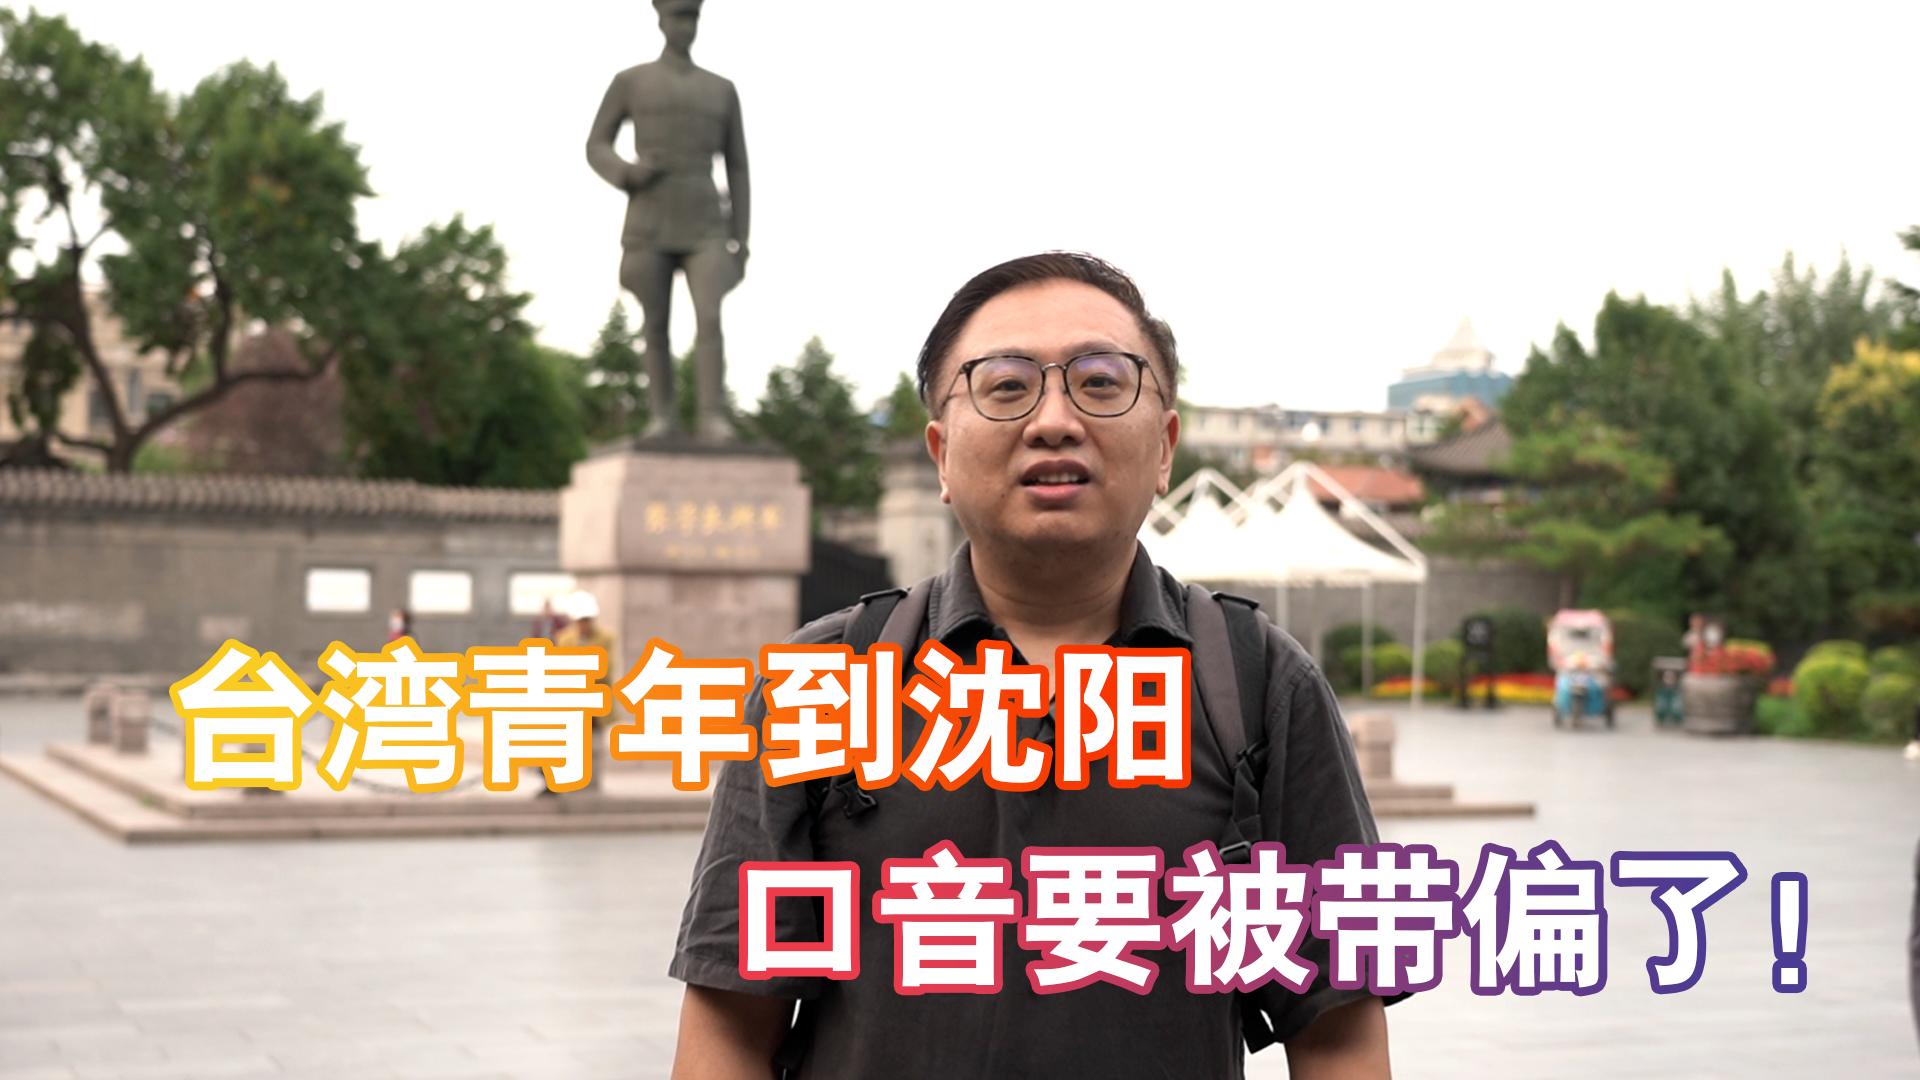 臺灣青年到瀋陽 口音要被帶偏了!圖片